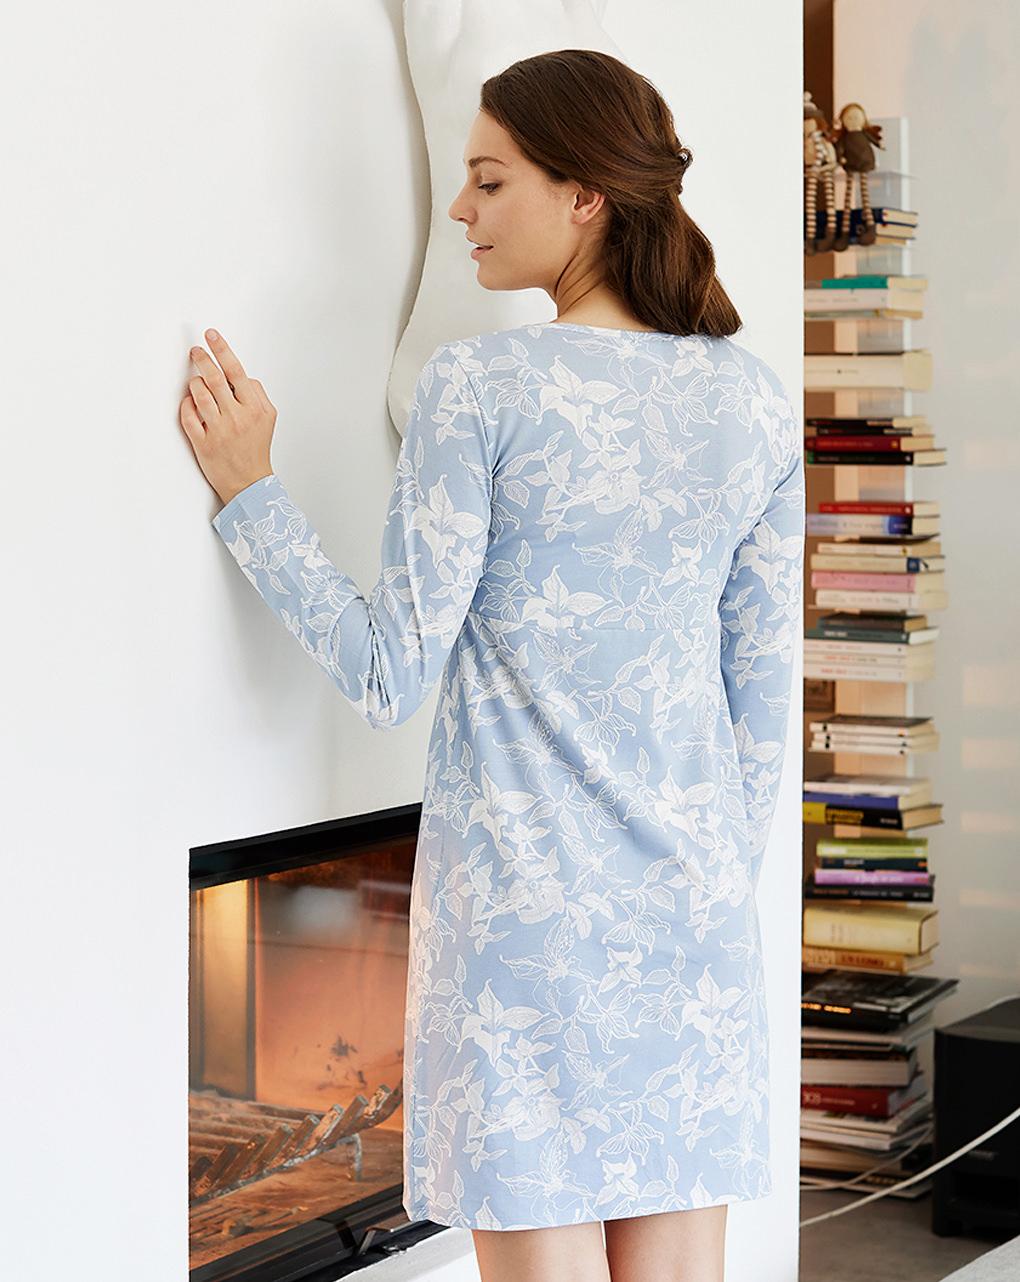 Camicia da notte allattamento fantasia boho flowers - Prénatal